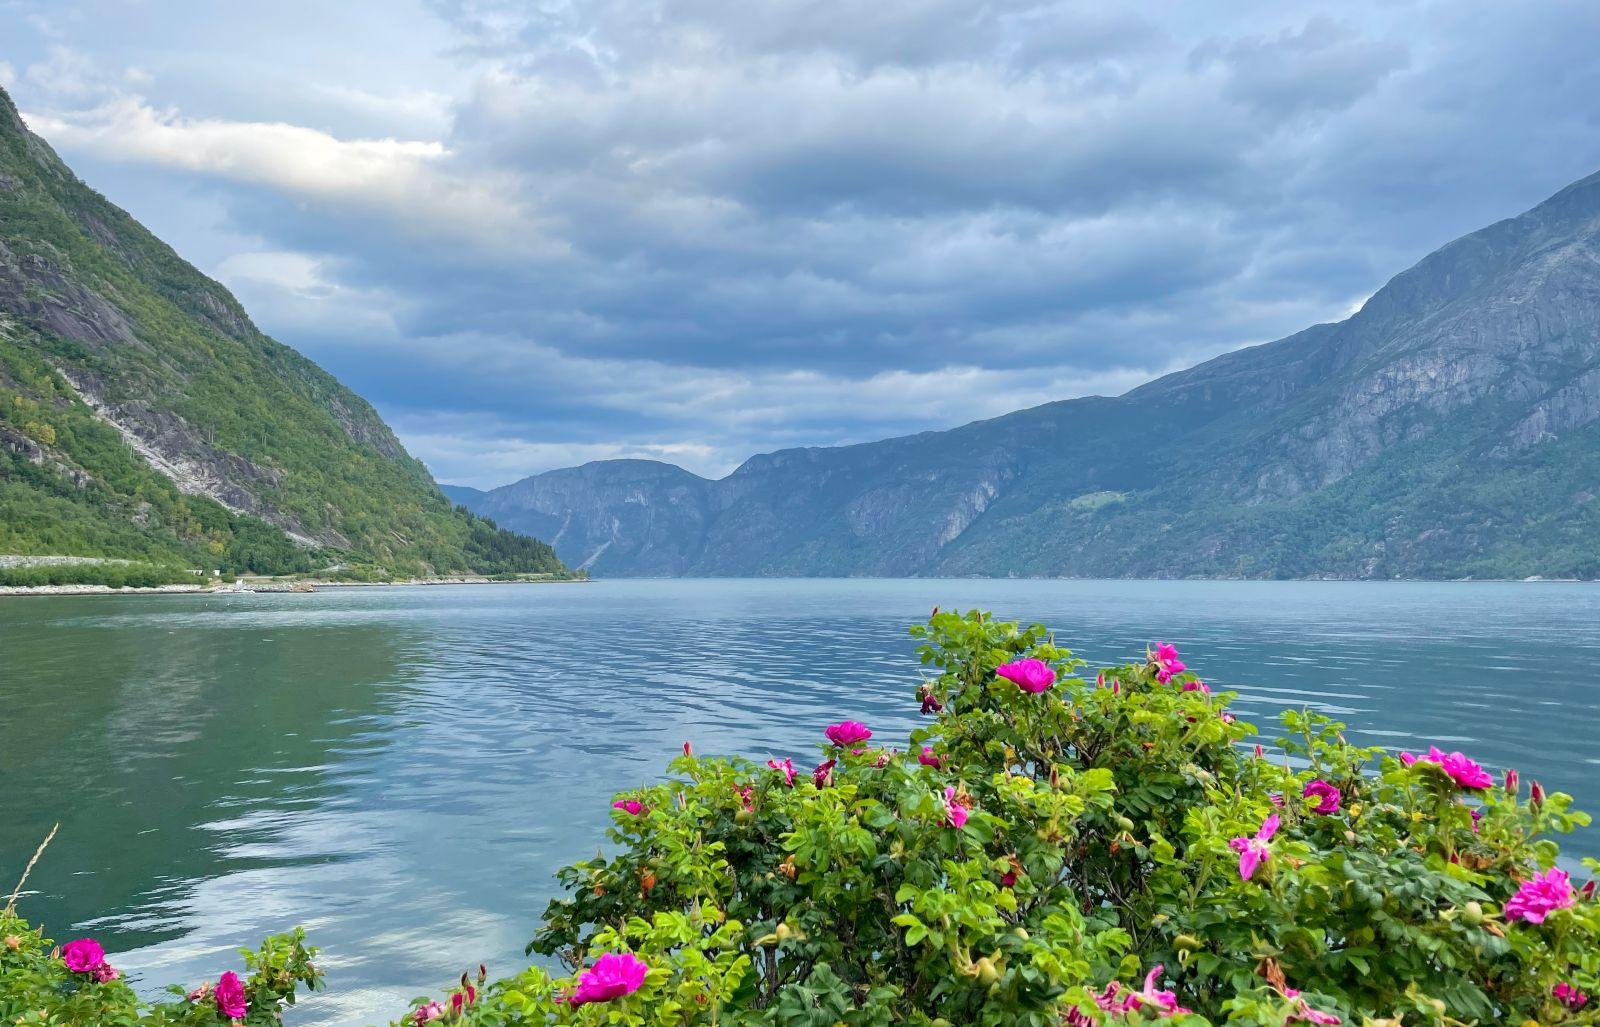 Hardangerfjord seen from Eidfjord village in Norway